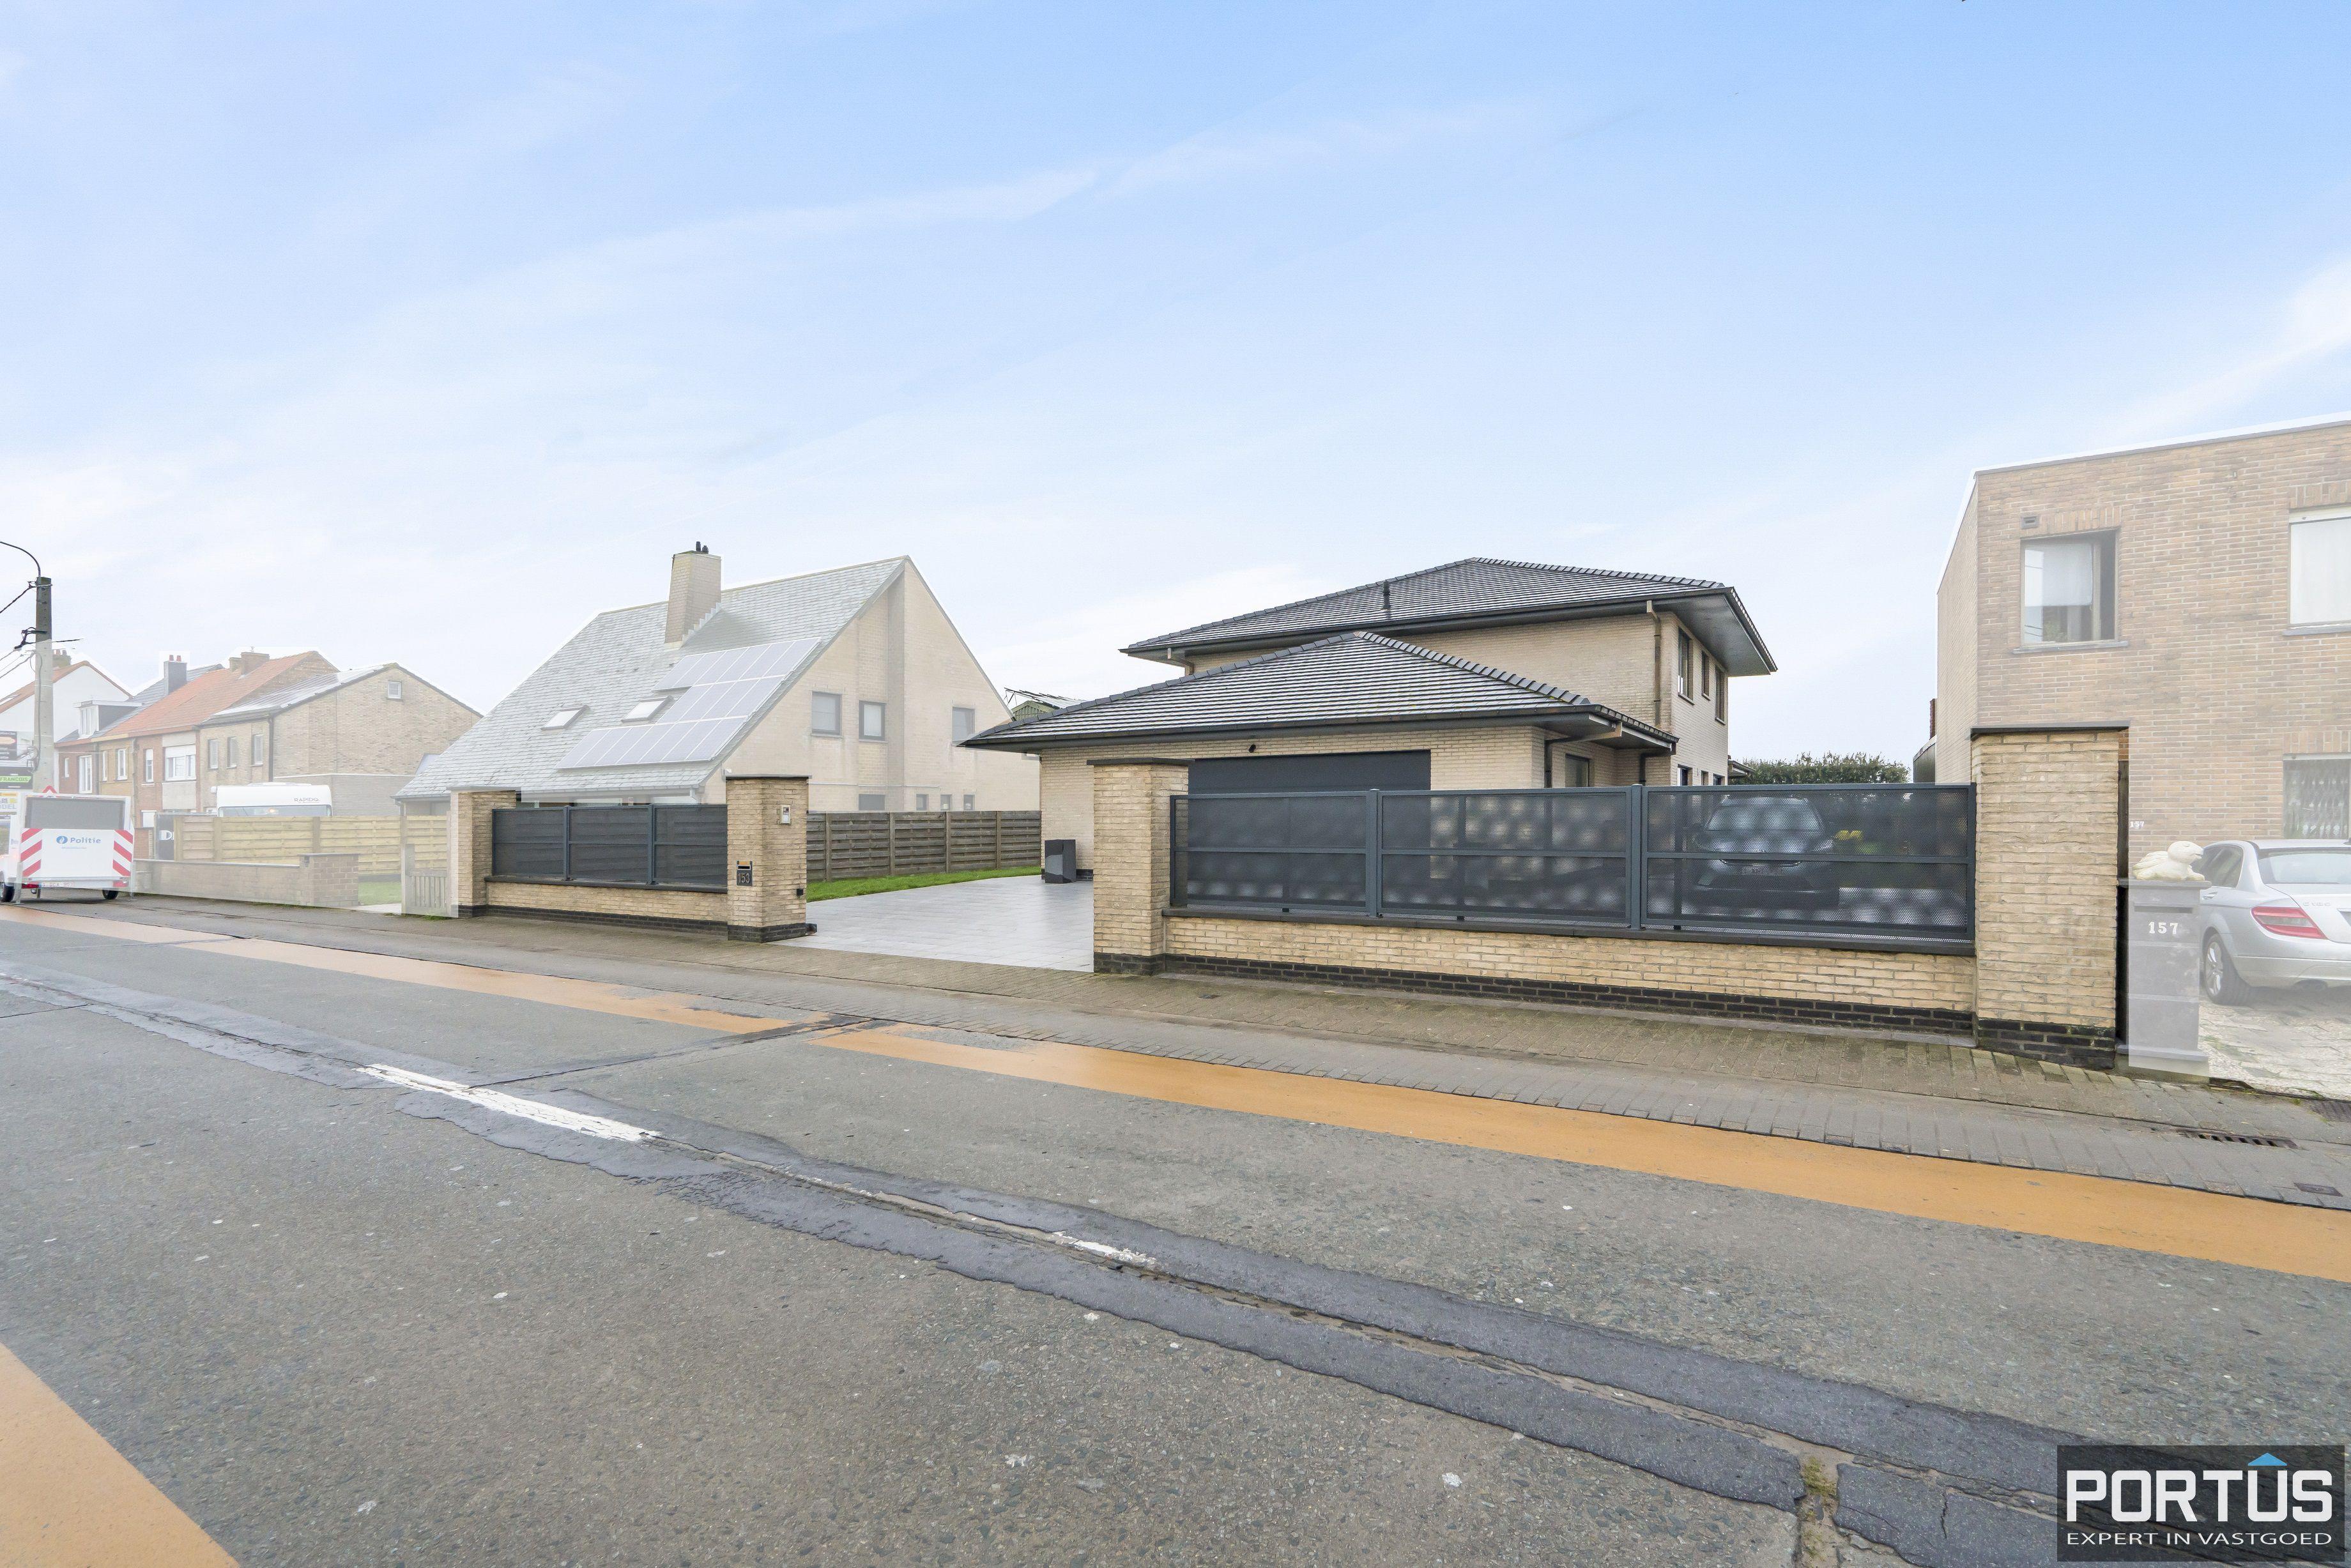 Instapklare villa met 3 slaapkamers te koop te Middelkerke - 12250